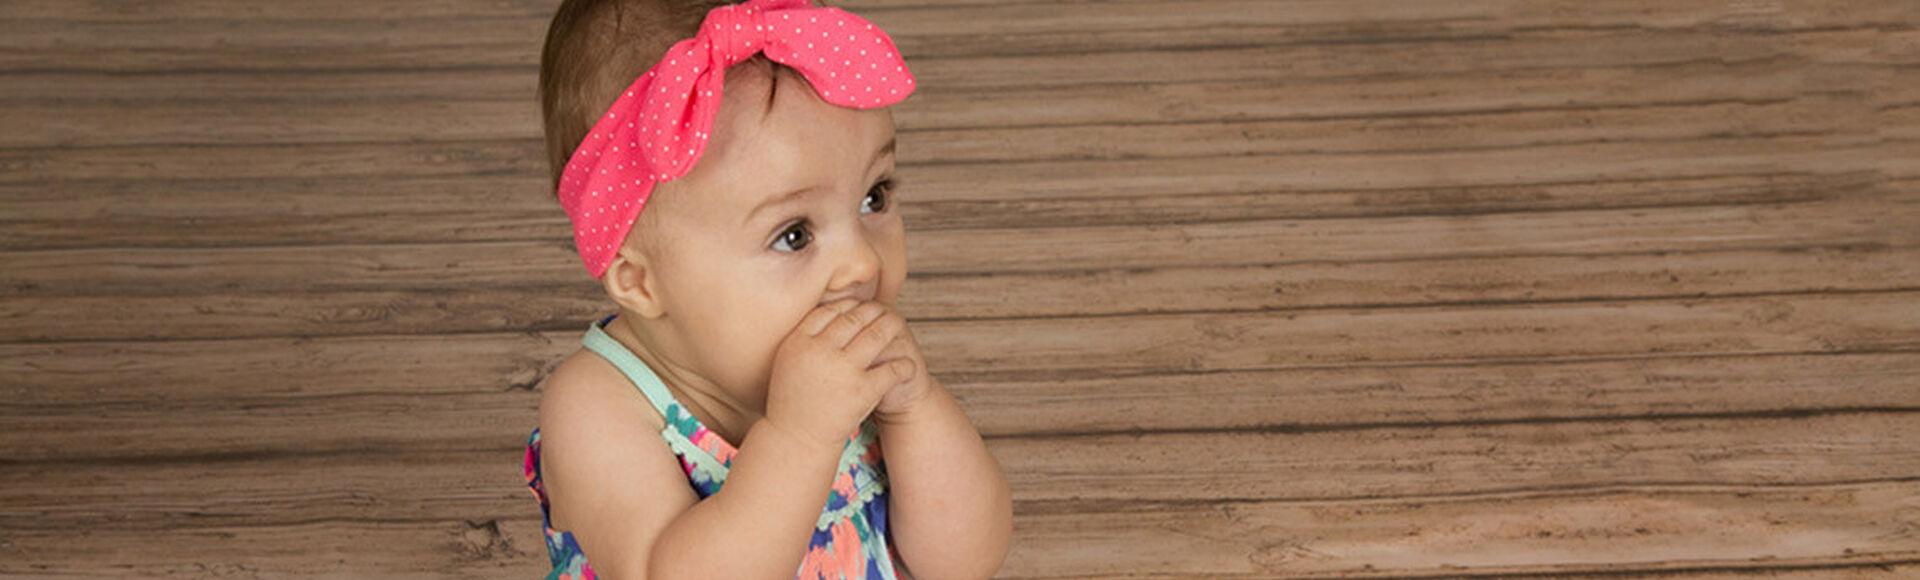 Frutas y alimentos buenos para los dientes de tu bebé | Más Abrazos by Huggies